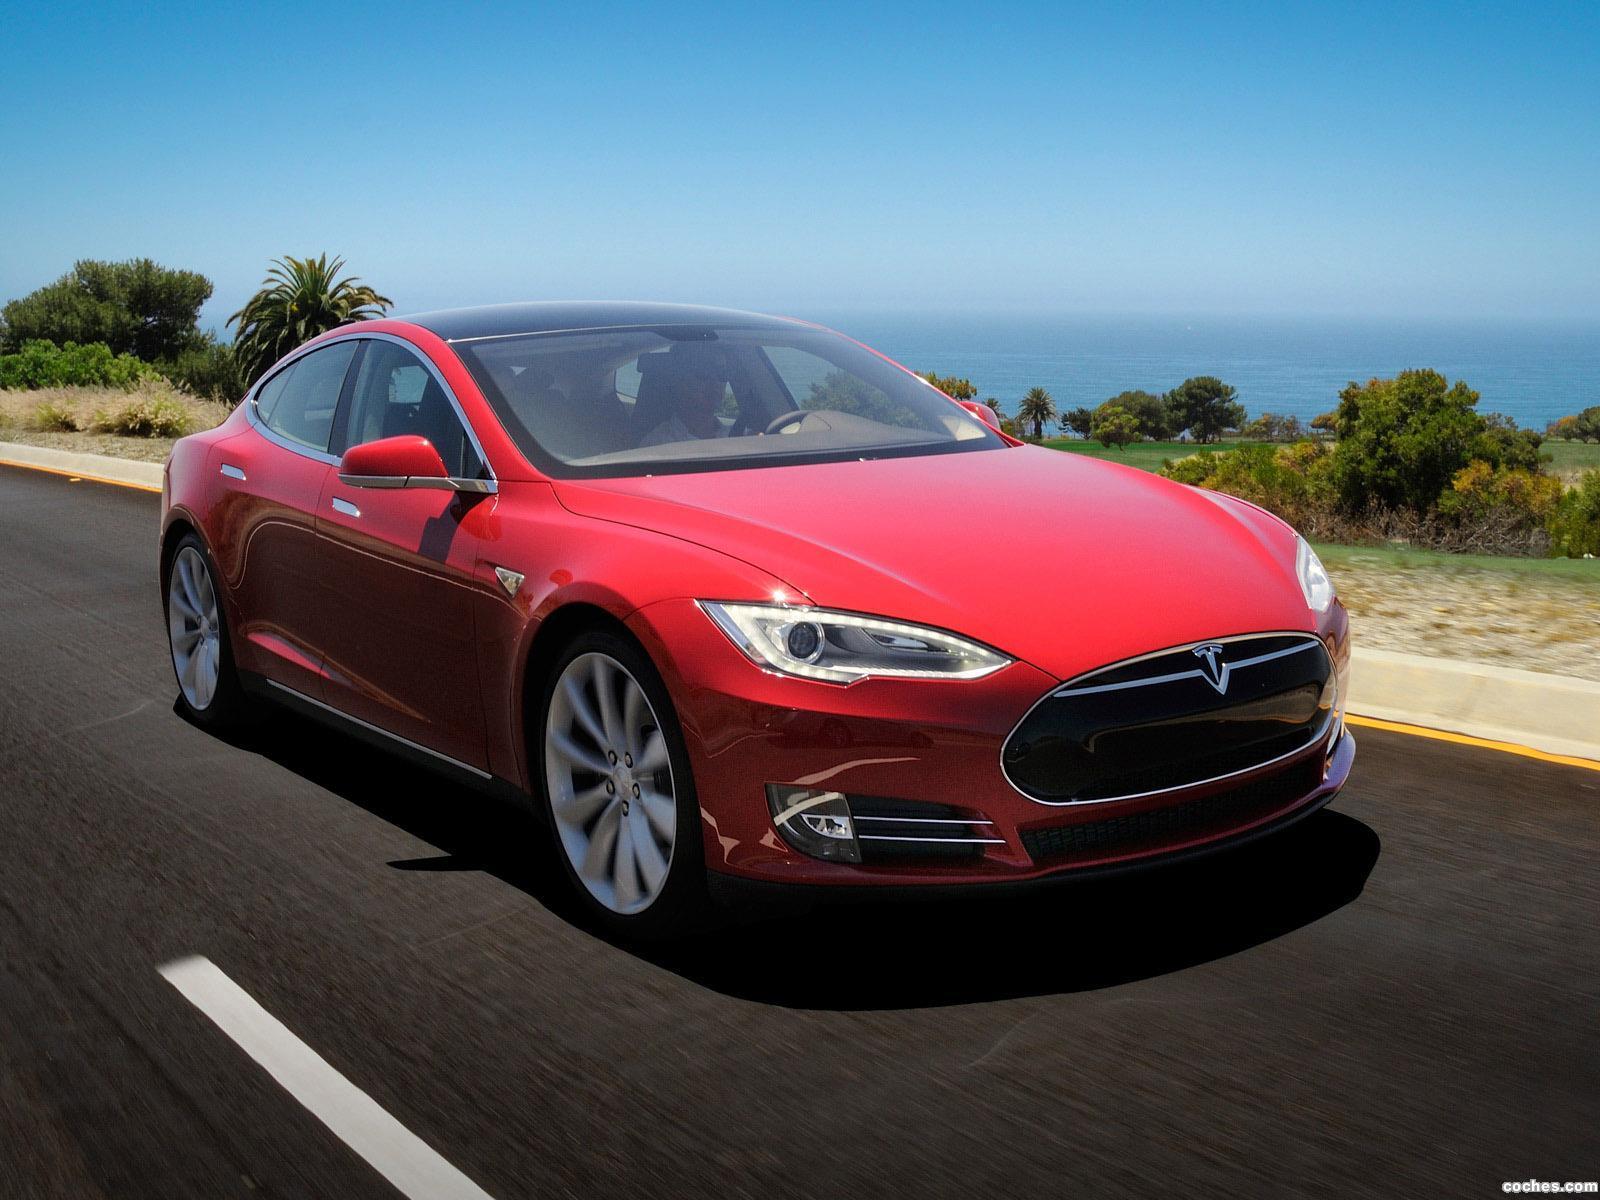 Foto 0 de Tesla Model S 2012